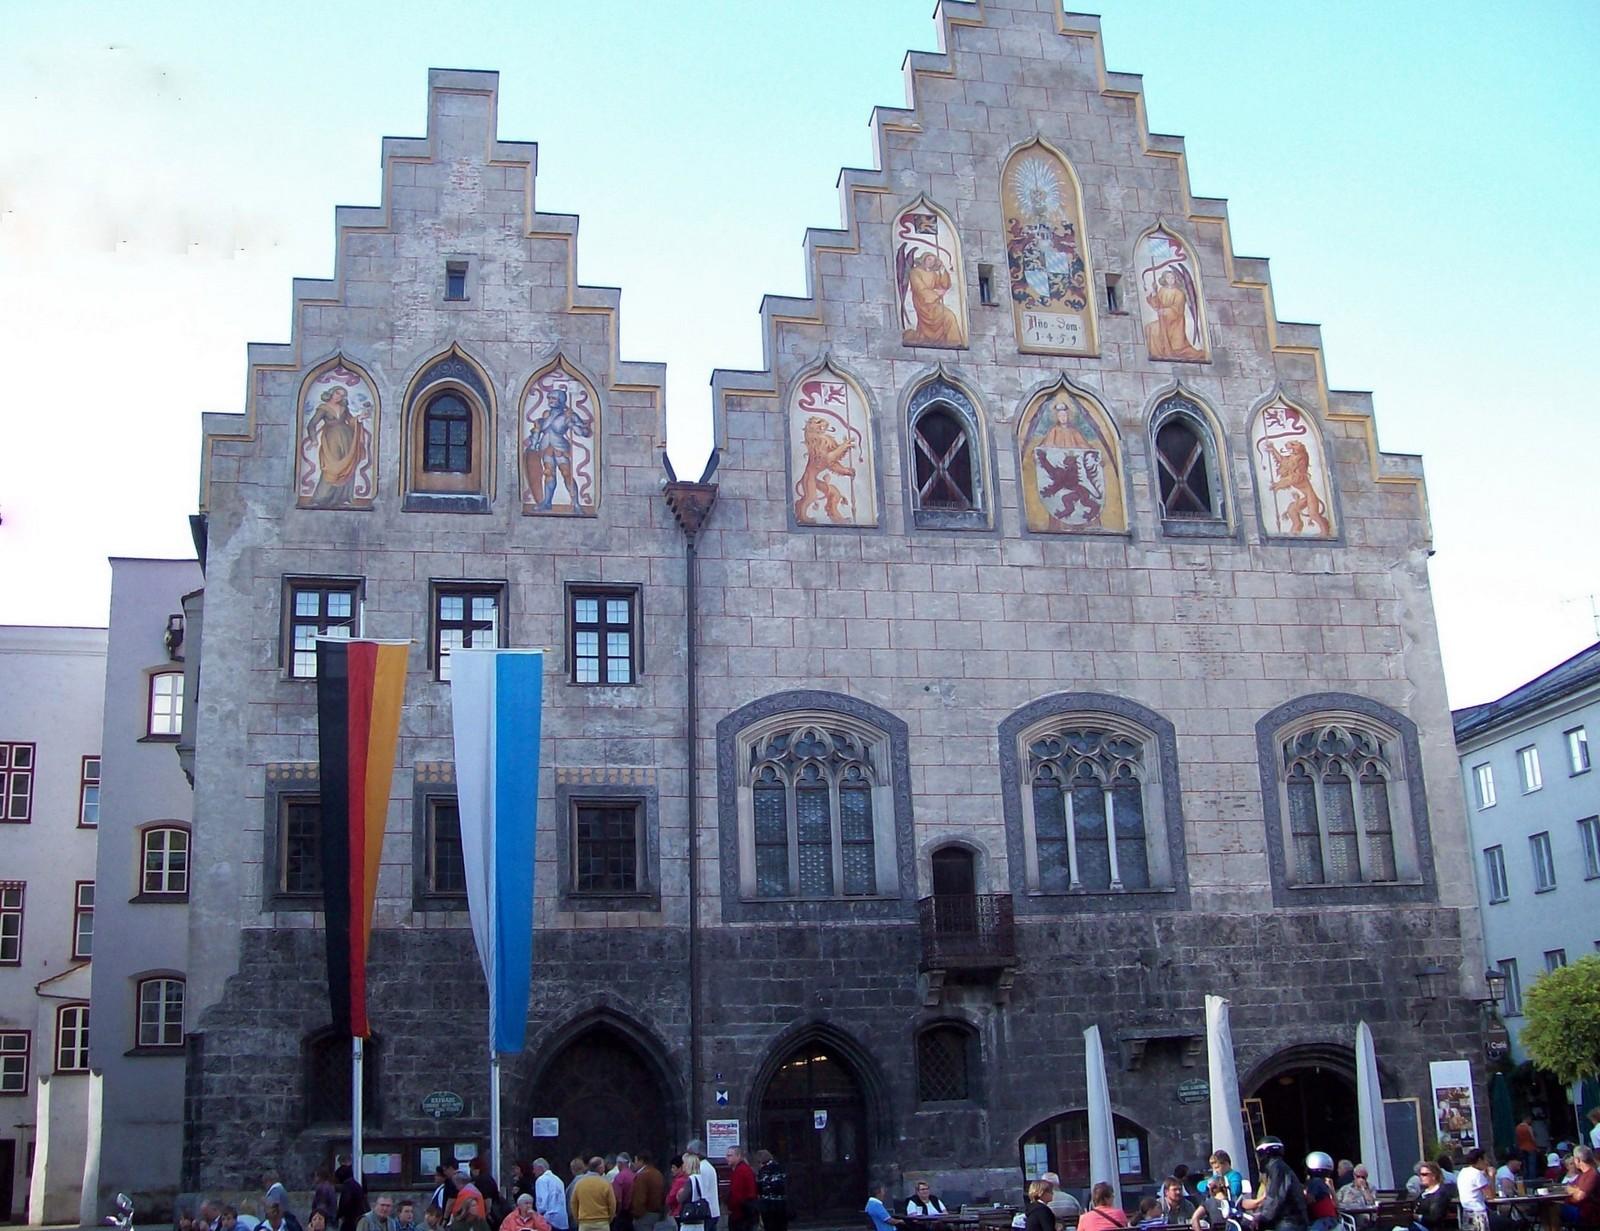 Rathaus - Wasserburg am Inn